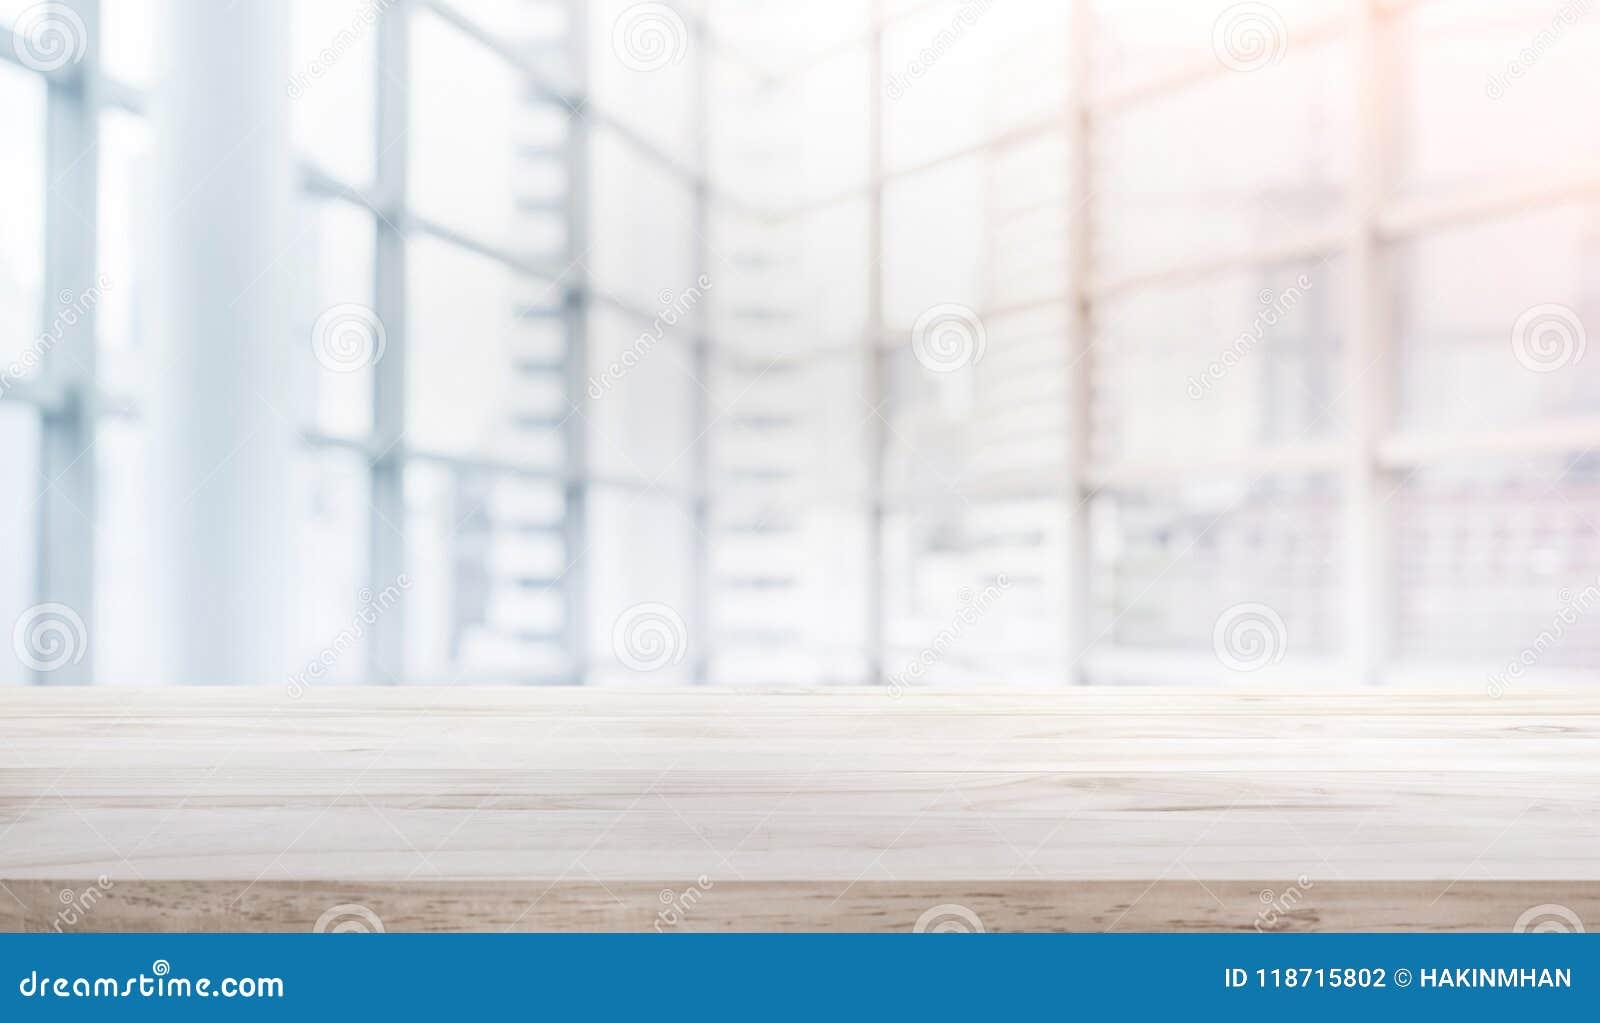 Wood tabellöverkant på kontoret för form för bakgrund för glass fönster för suddighet det vita